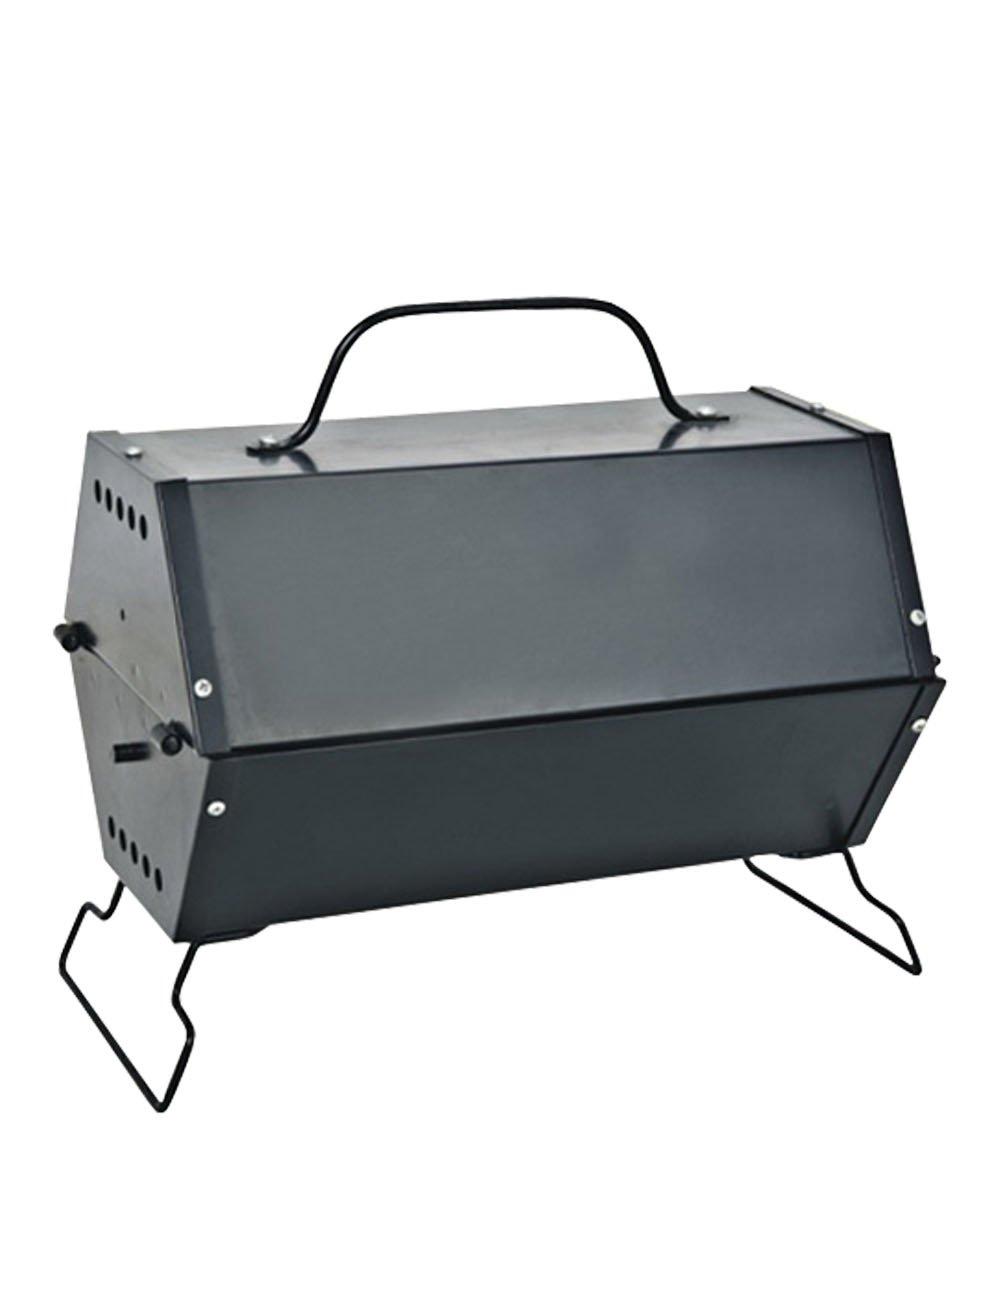 Herrenchwear Faltbare tragbare BBQ-Camping-Grills im Freien im Freien 40cm 16